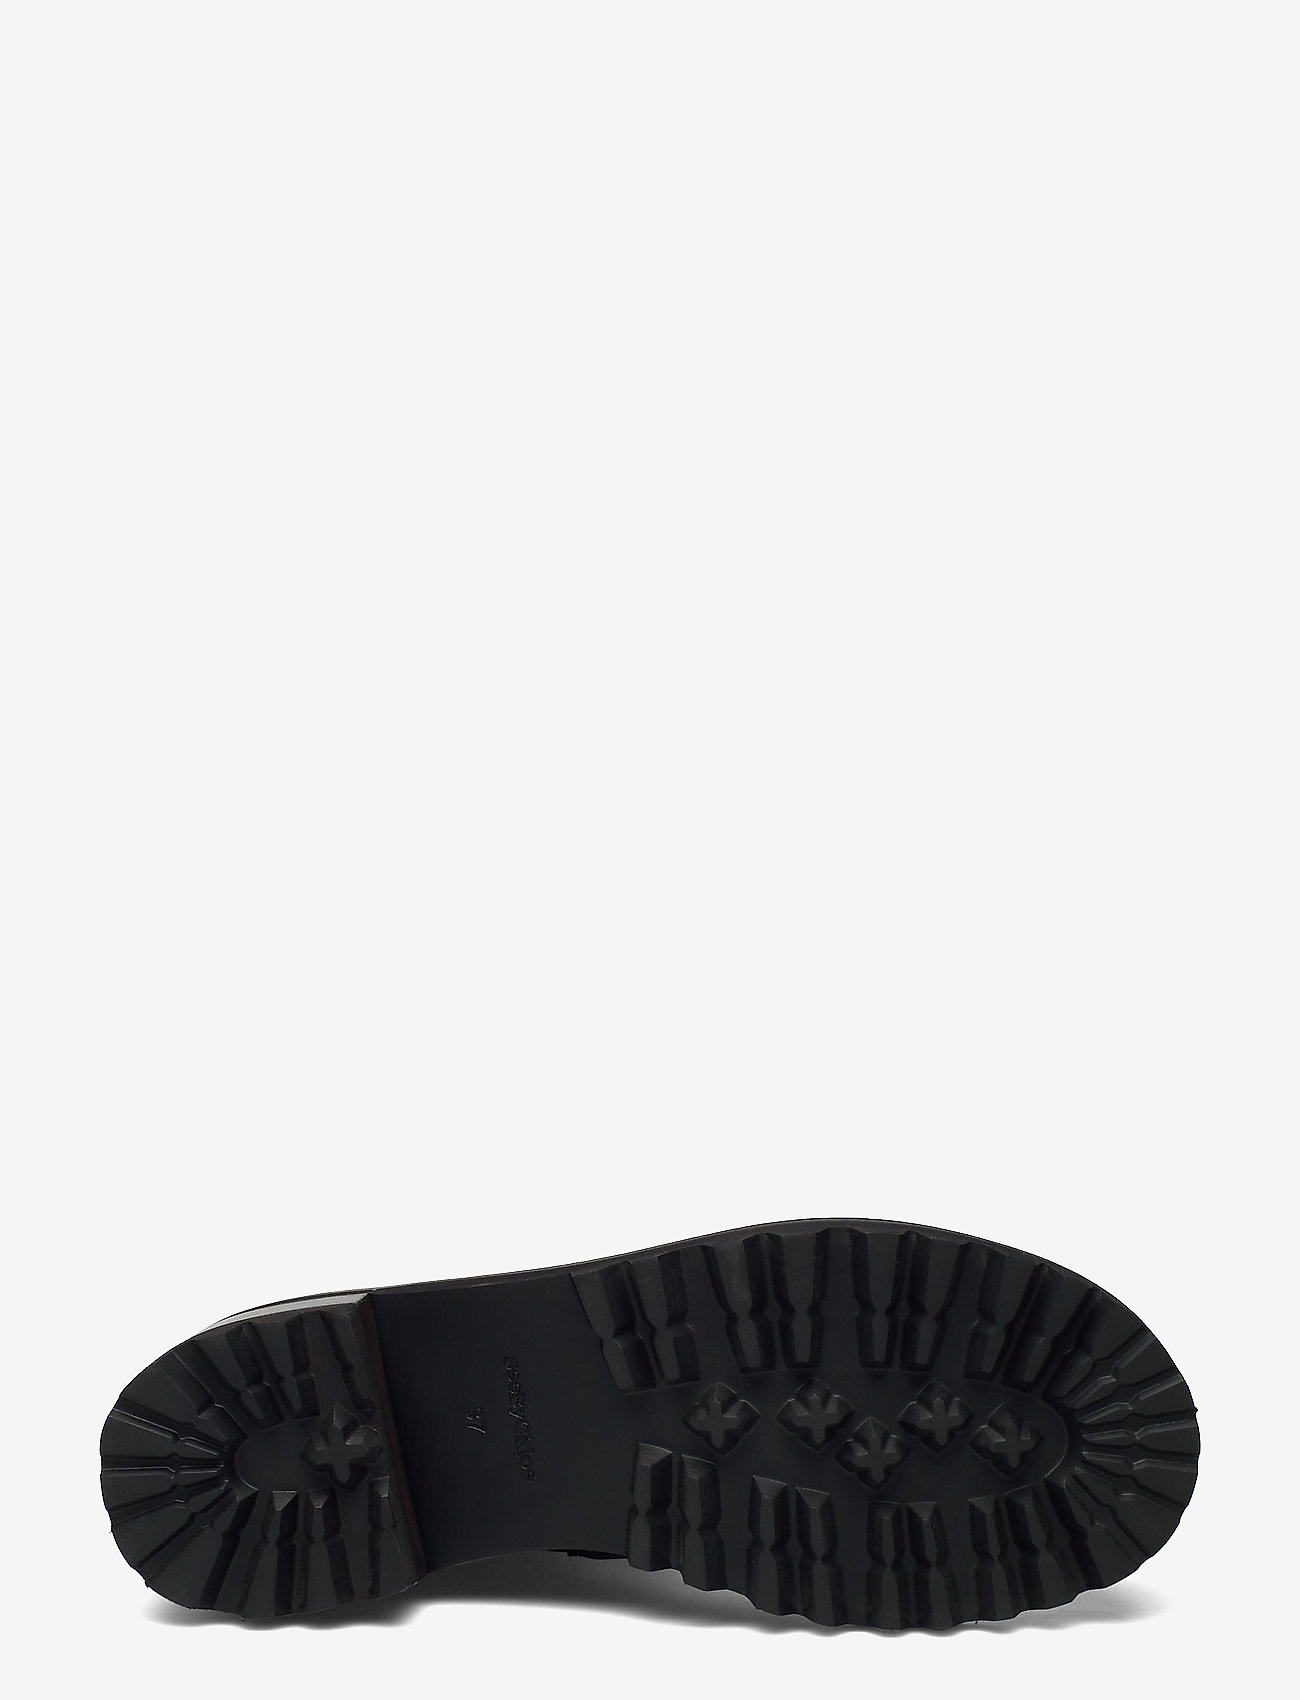 See by Chloé - CHELSEA - schoenen - black - 4